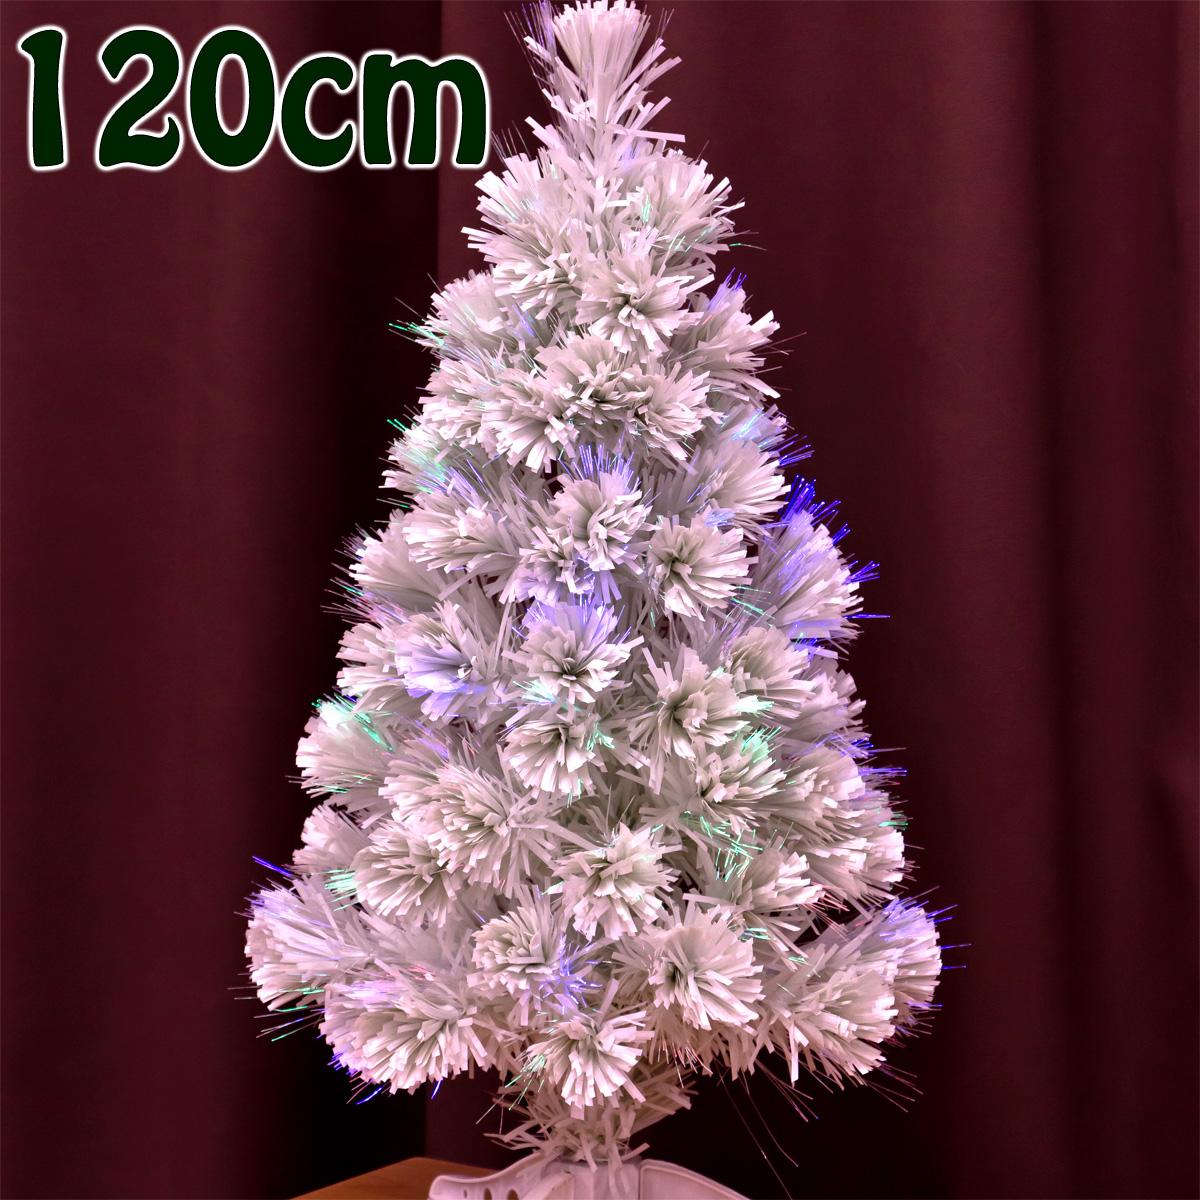 クリスマスツリー ファイバー 120cm 白 分割型 ファイバーツリー ホワイト LED 光源 北欧 おしゃれ